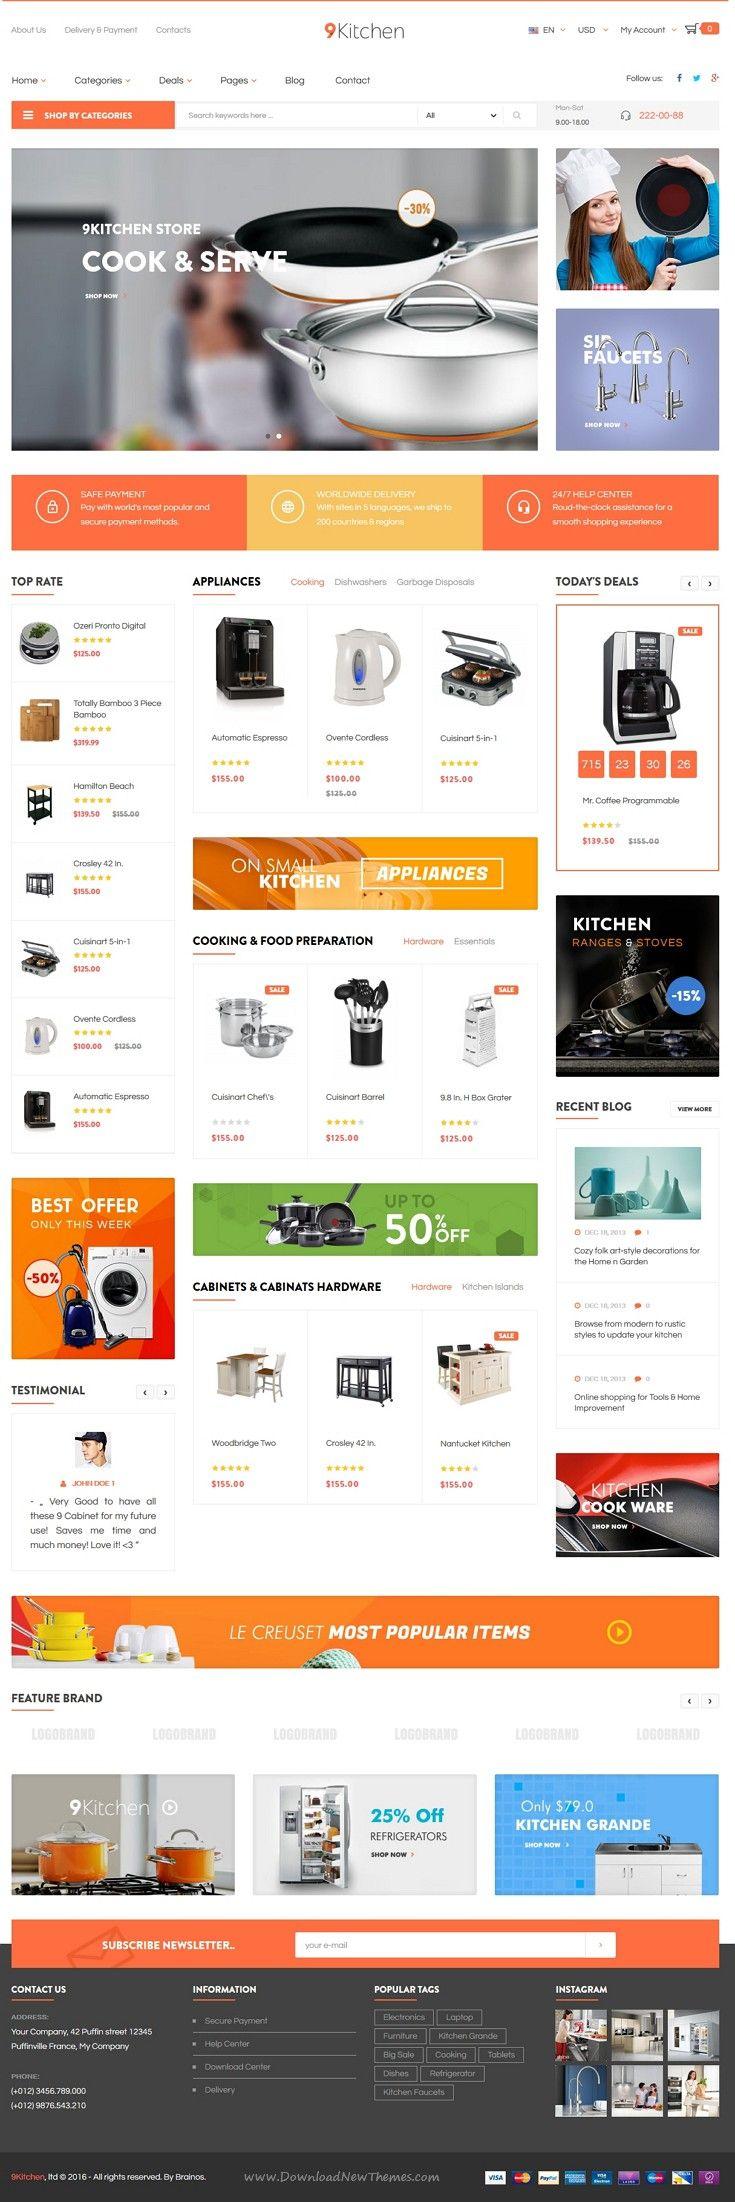 Top 5 Best Practices For Online Shopping Websites Web Design Tips Web Design Tips Ecommerce Startup Ecommerce Website Design